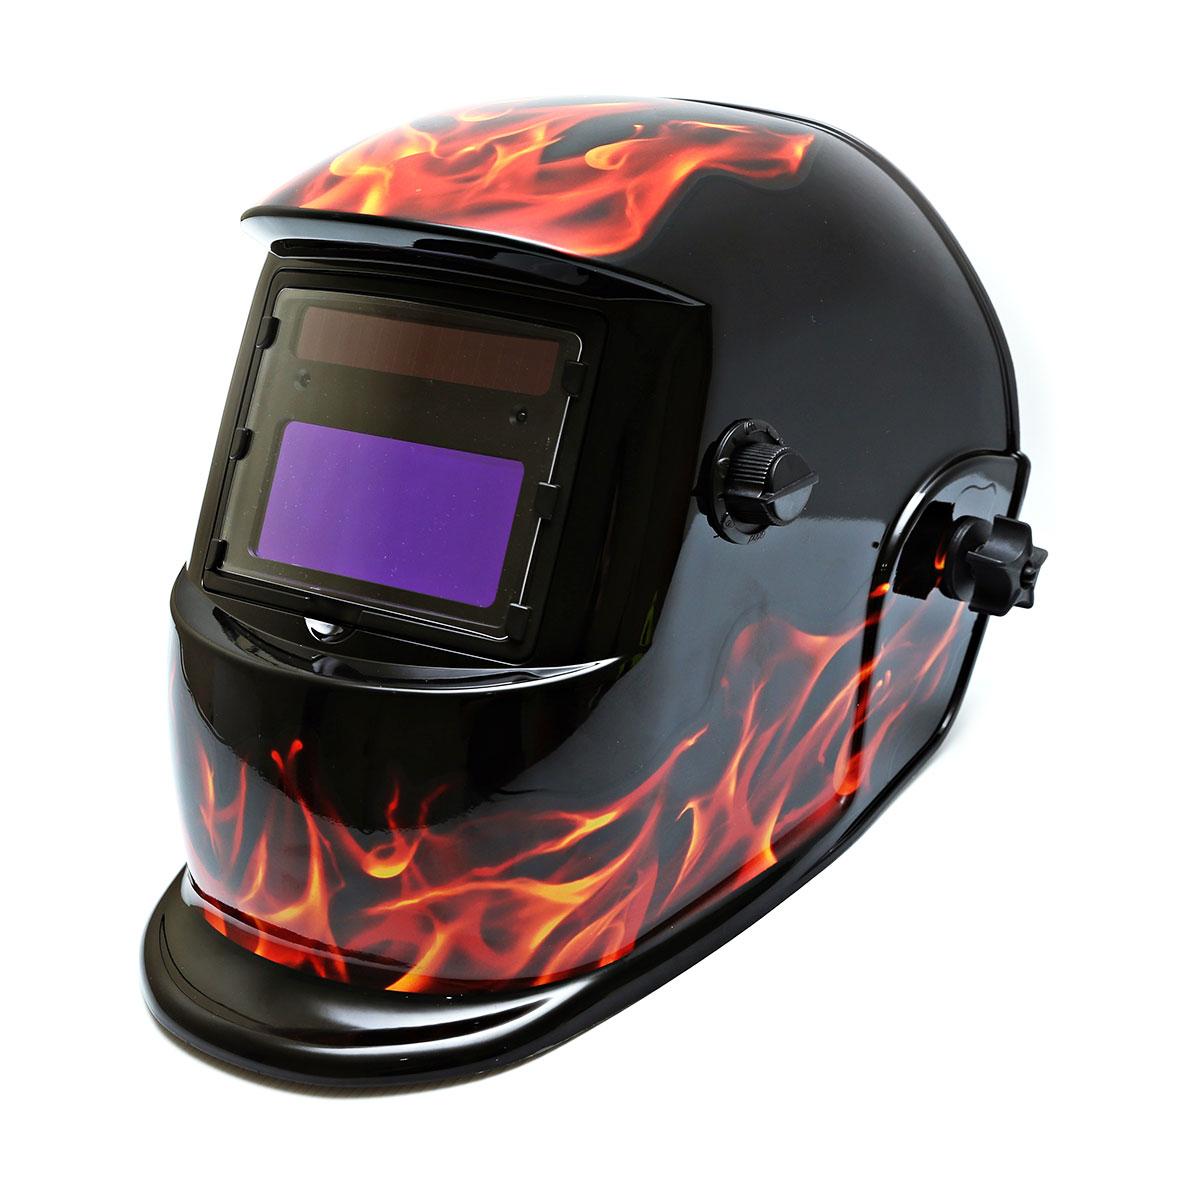 Centurion Solar Auto Darkening Welding Helmet - Fire Flame